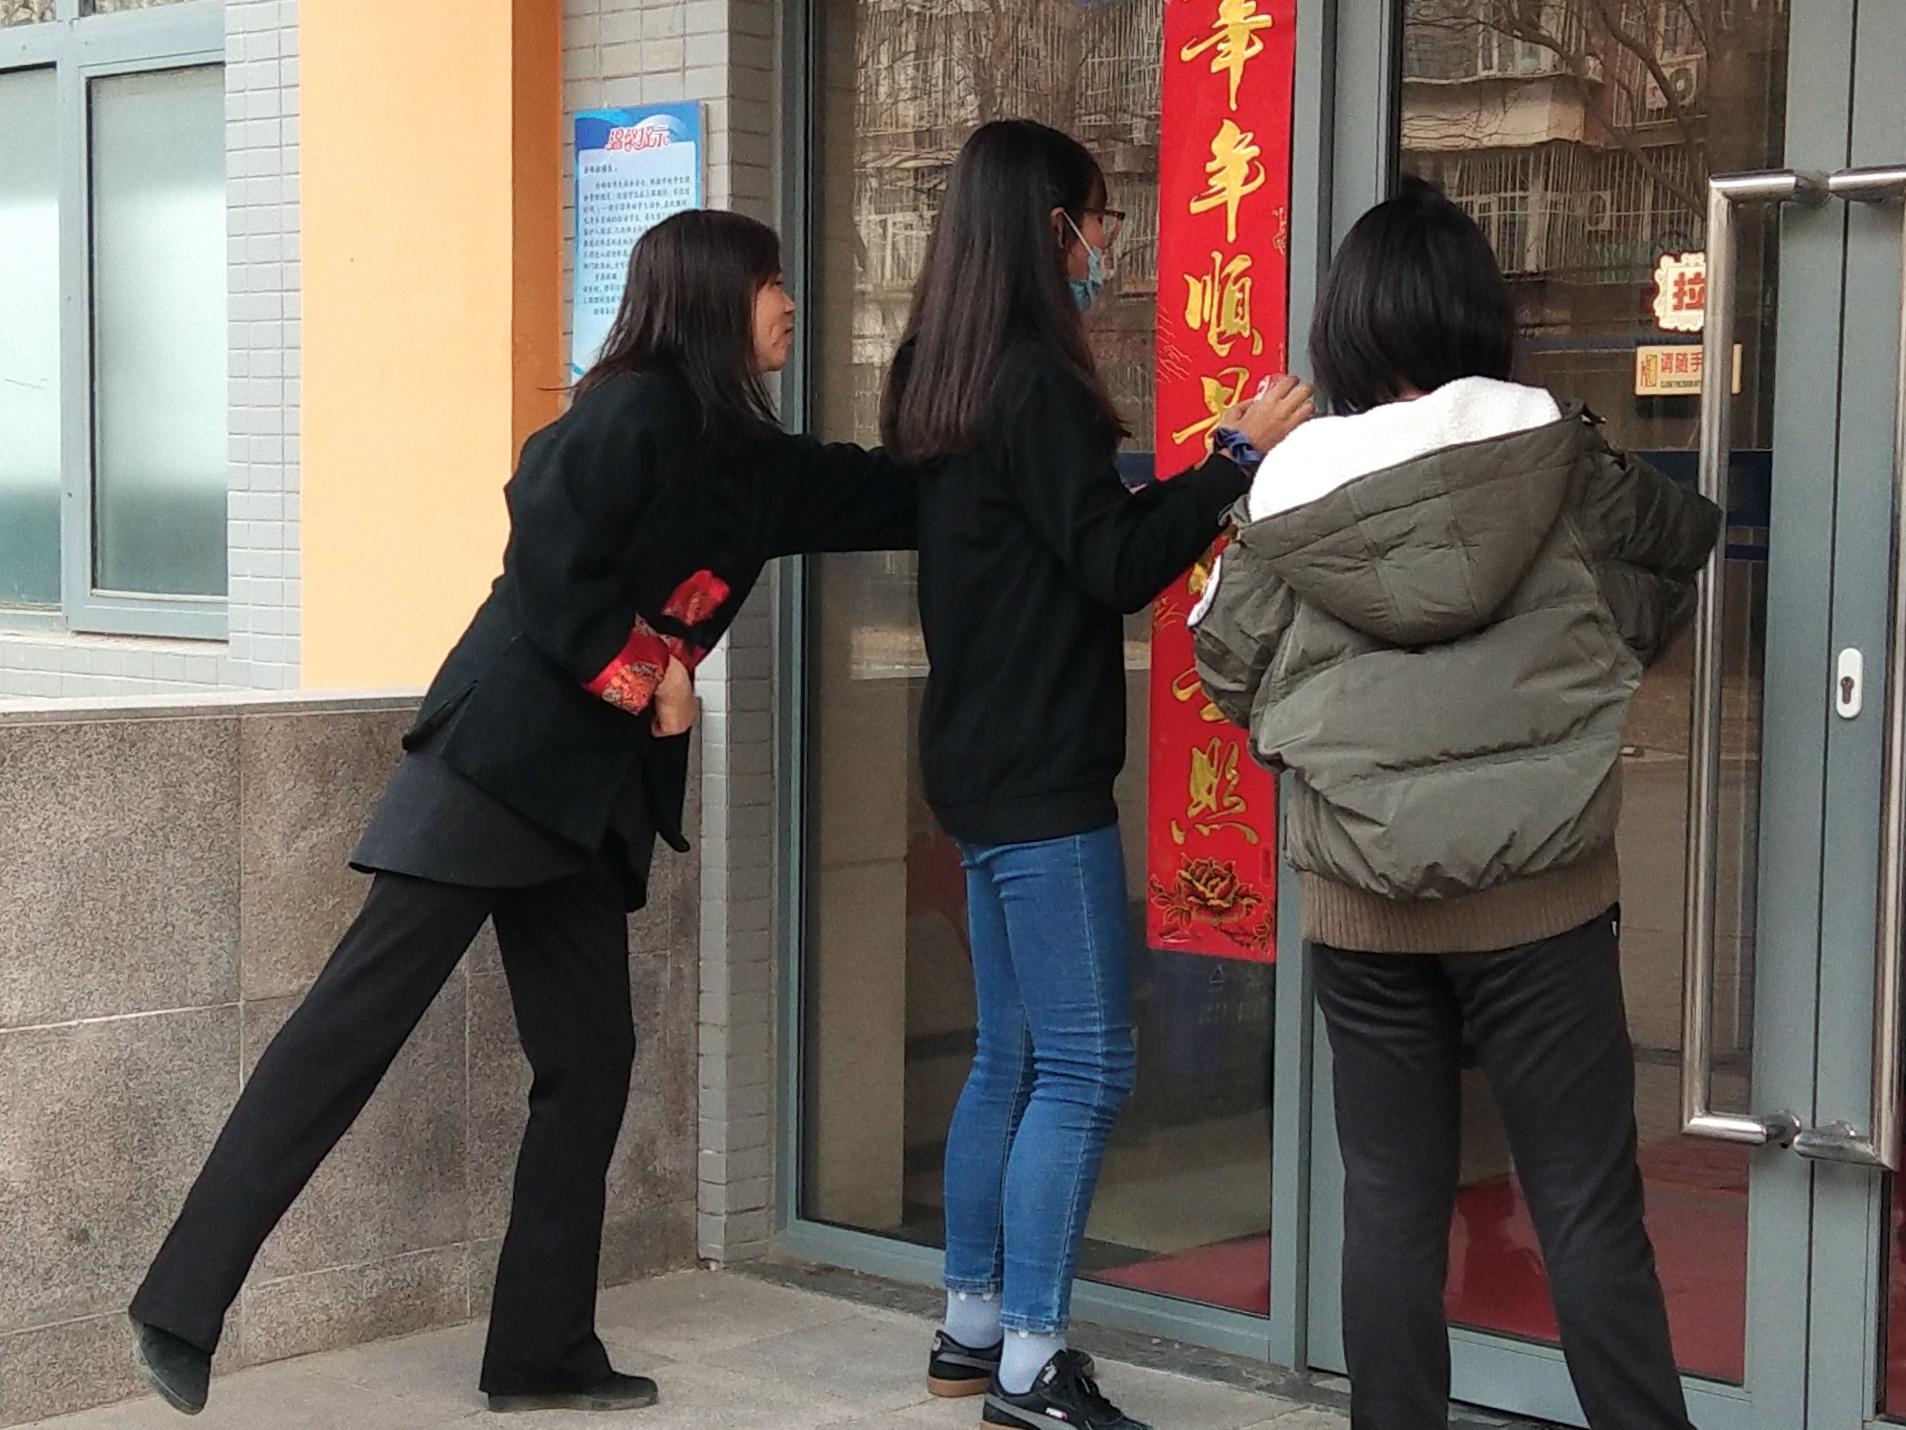 21年除夕校党总支书记王京红与西藏生一起贴对联.jpg